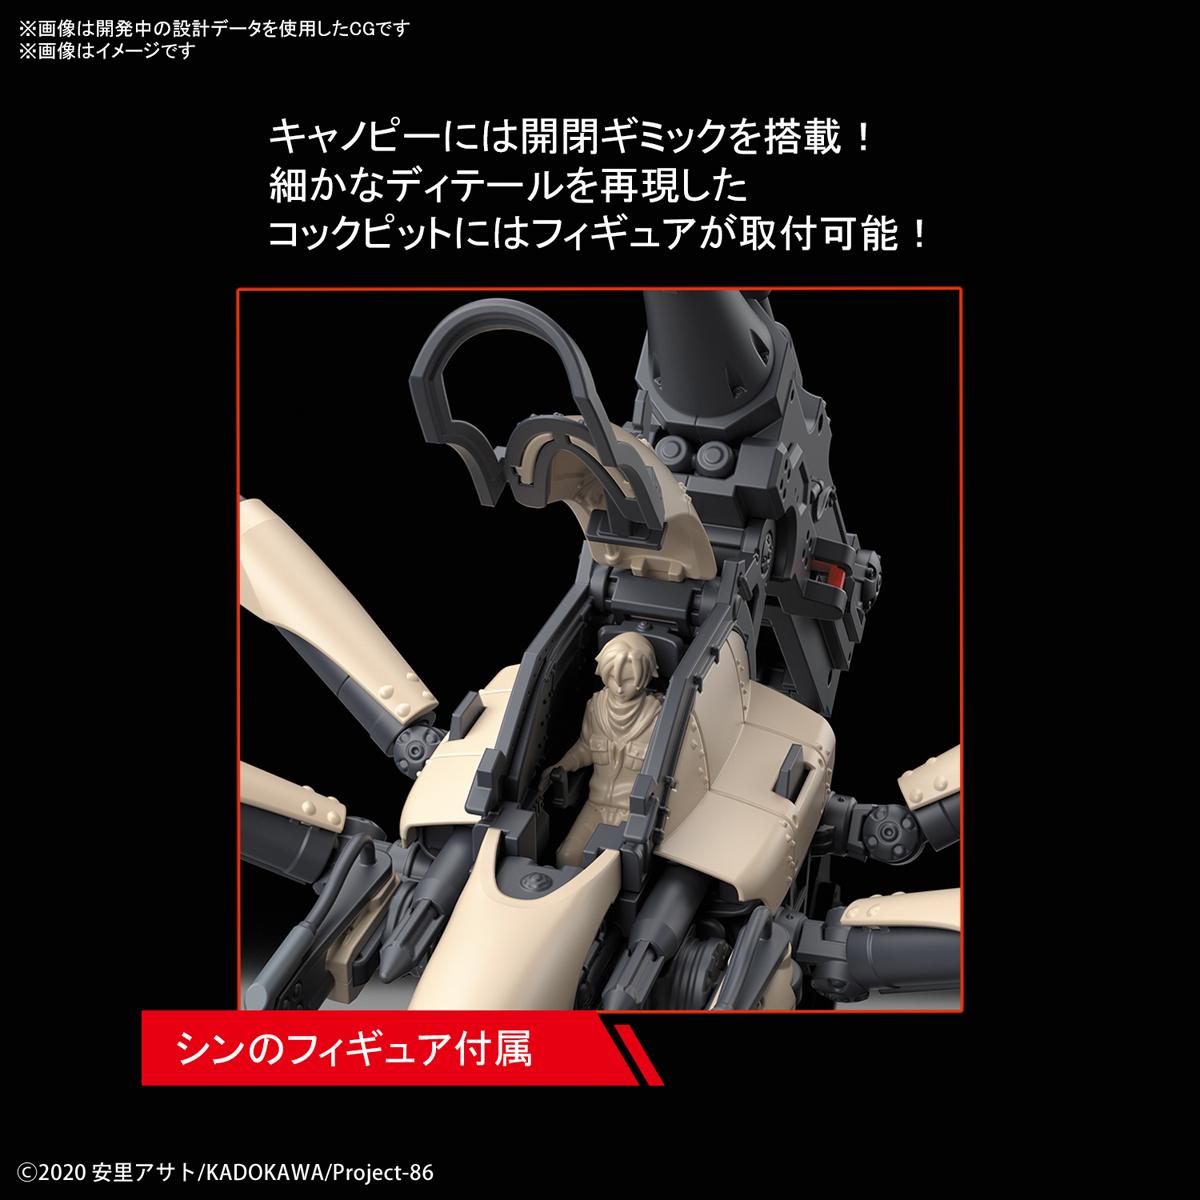 HG 1/48『ジャガーノート(シン搭乗機)』86-エイティシックス- プラモデル-004